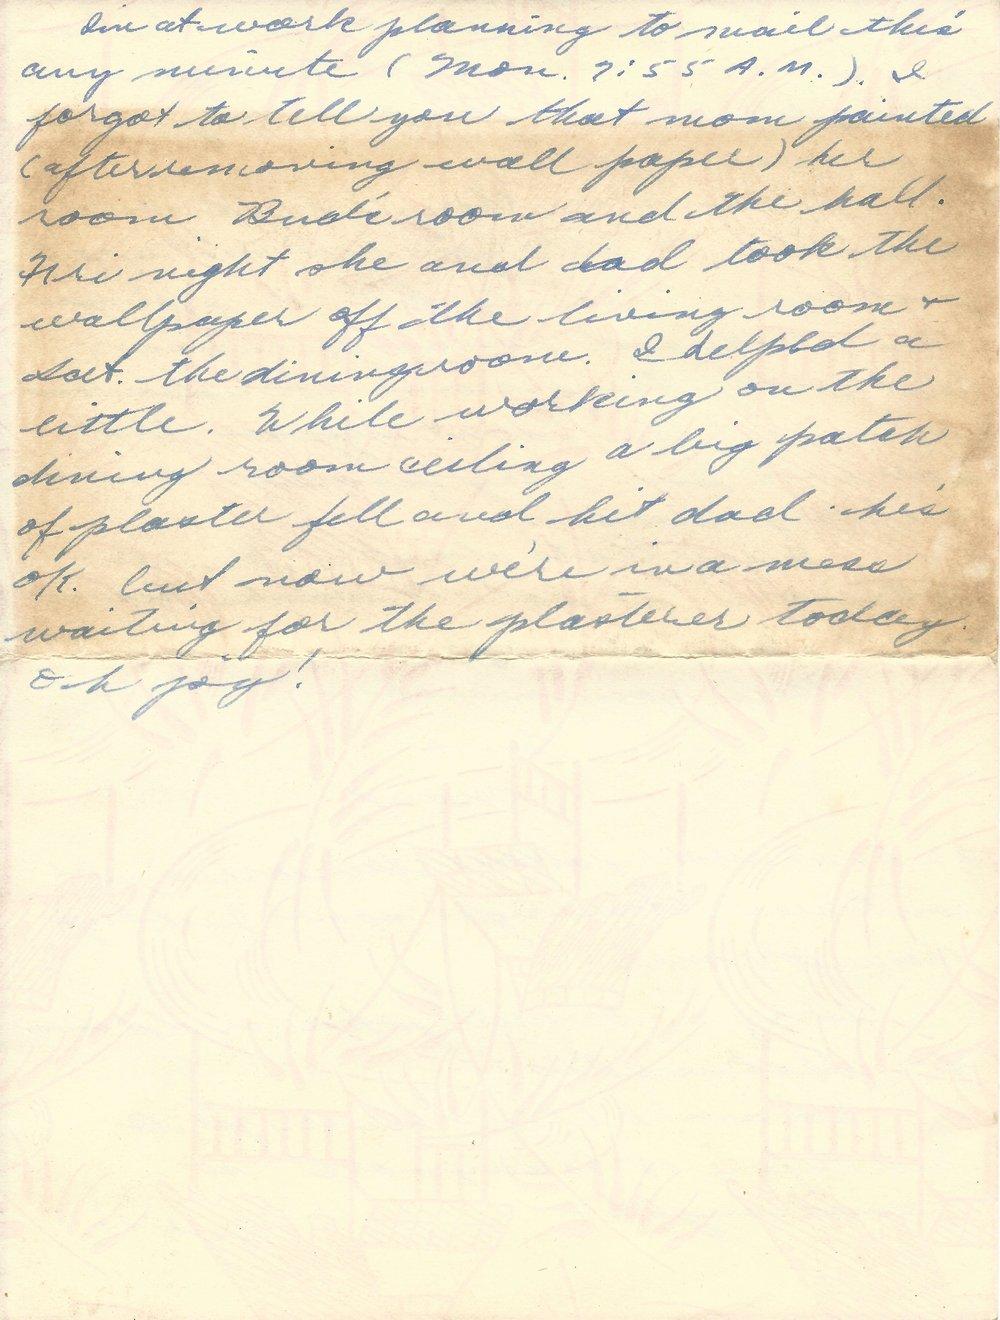 7. Feb. 8, 1953 (Oma)_Page_5.jpg